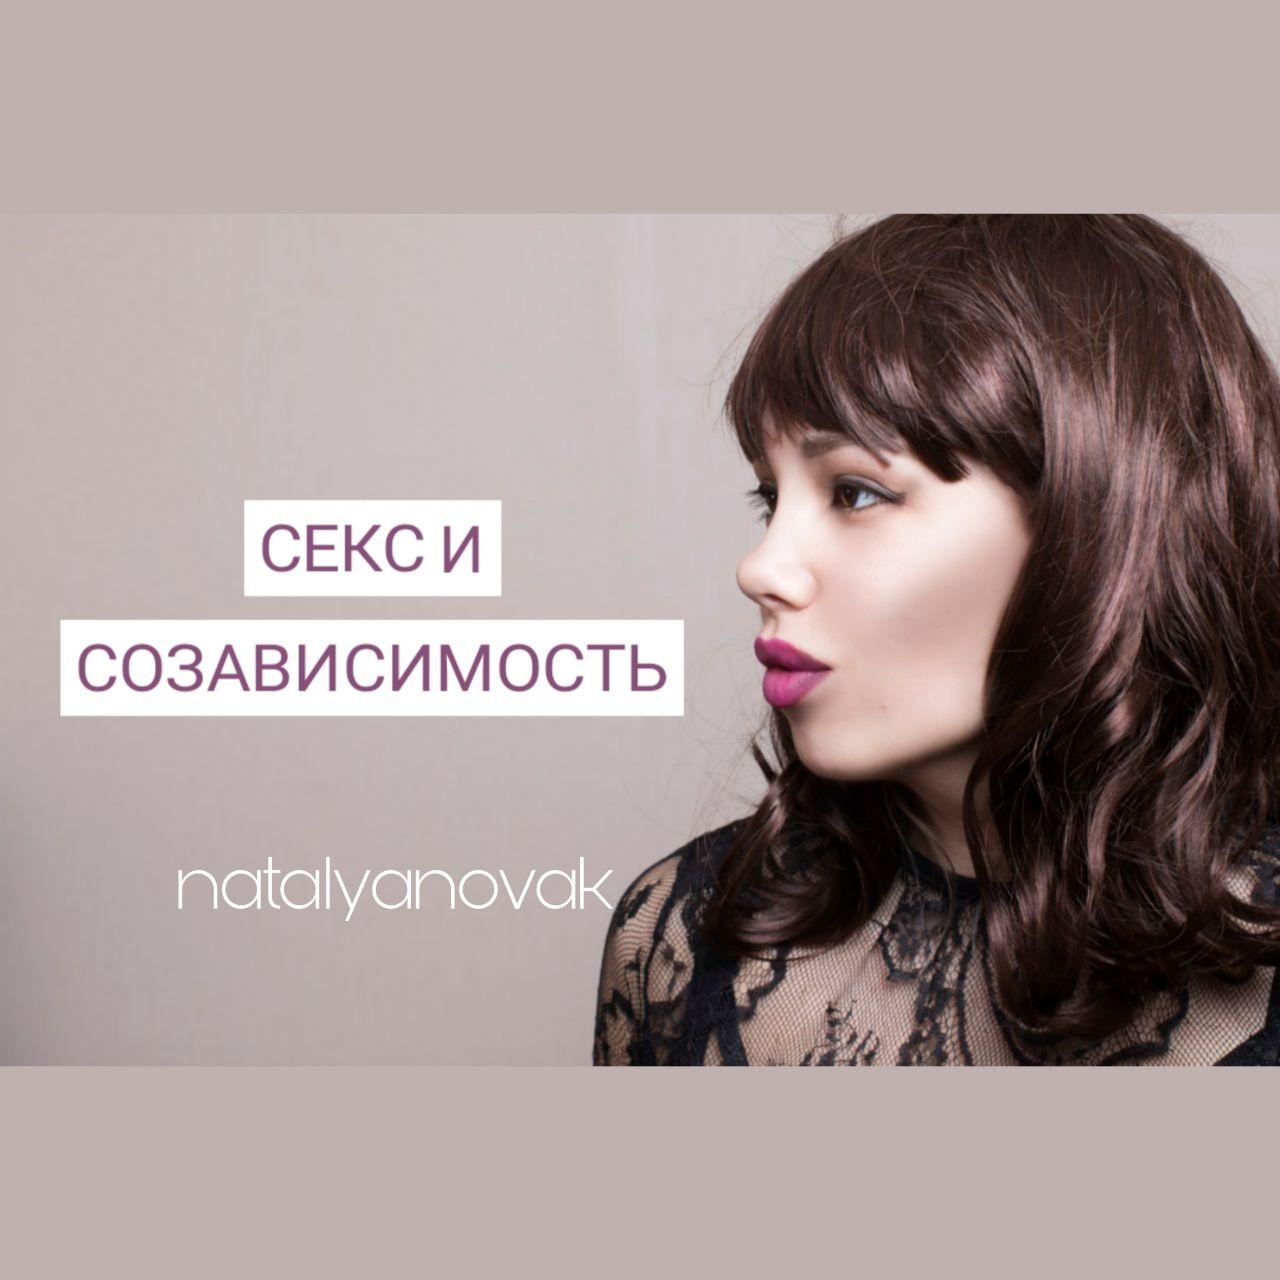 Секс и созависимость Статья от Натальи Новак